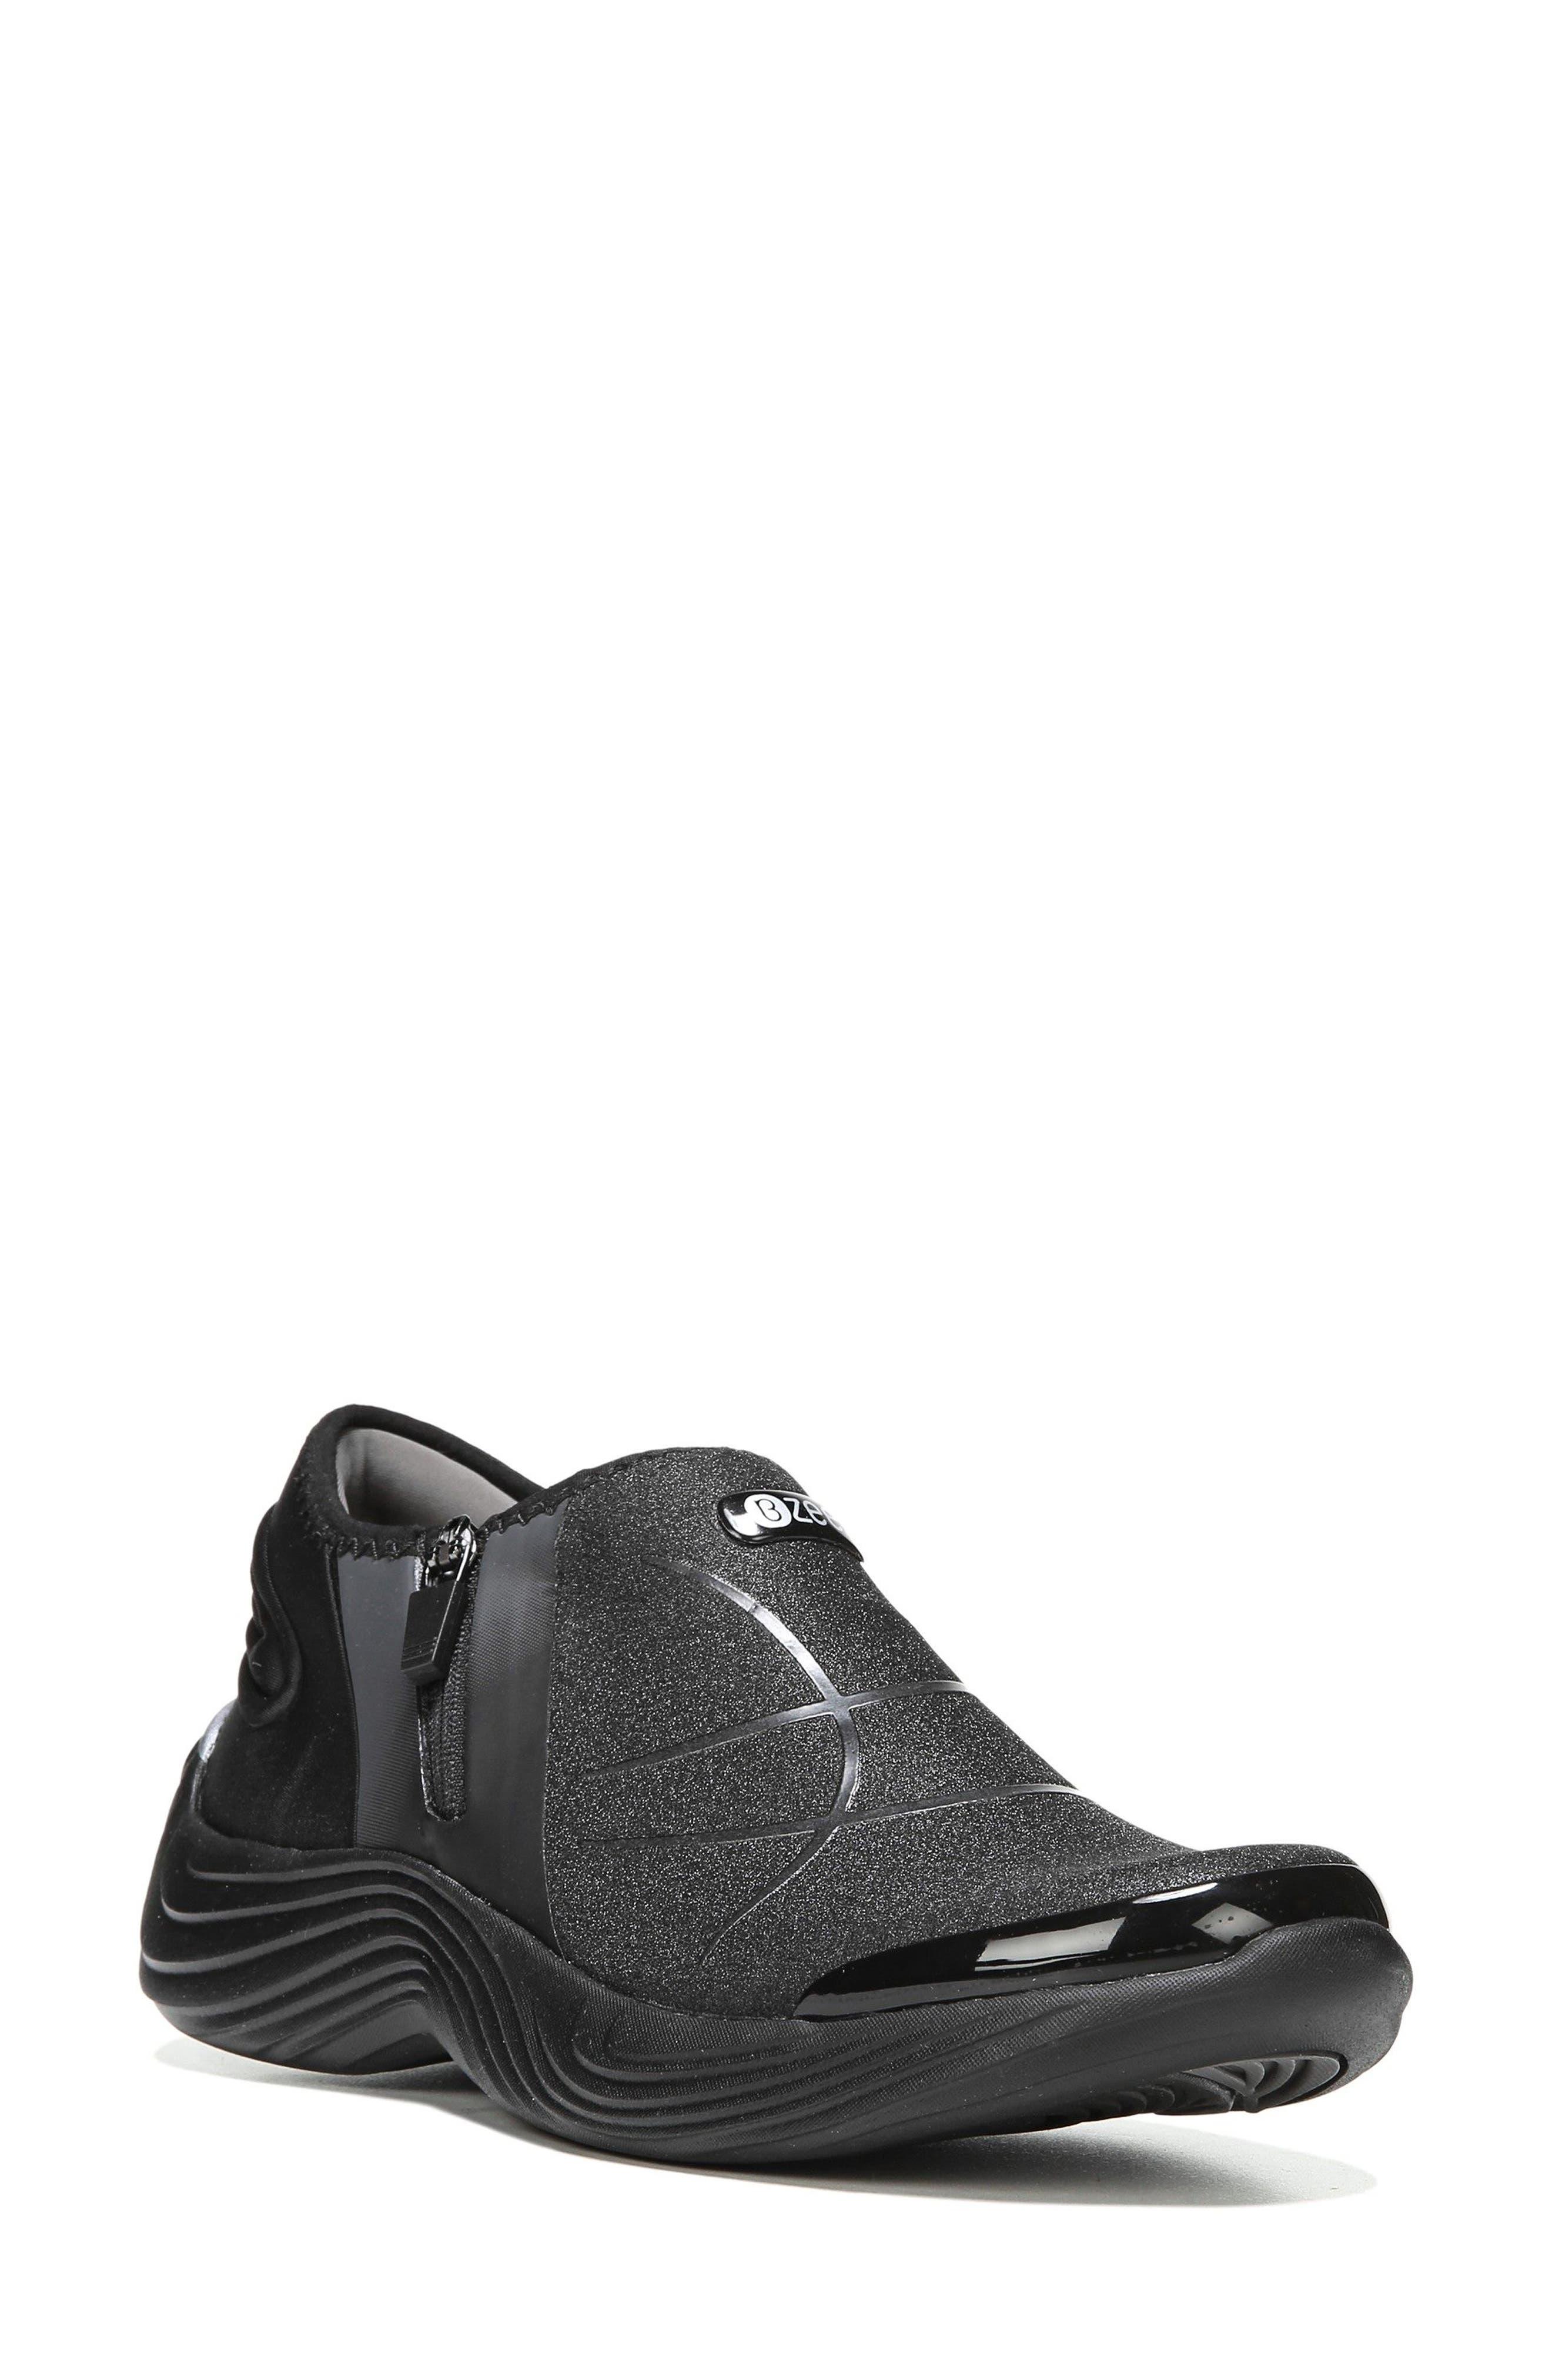 Alternate Image 1 Selected - BZees Trilogy Slip-On Sneaker (Women)